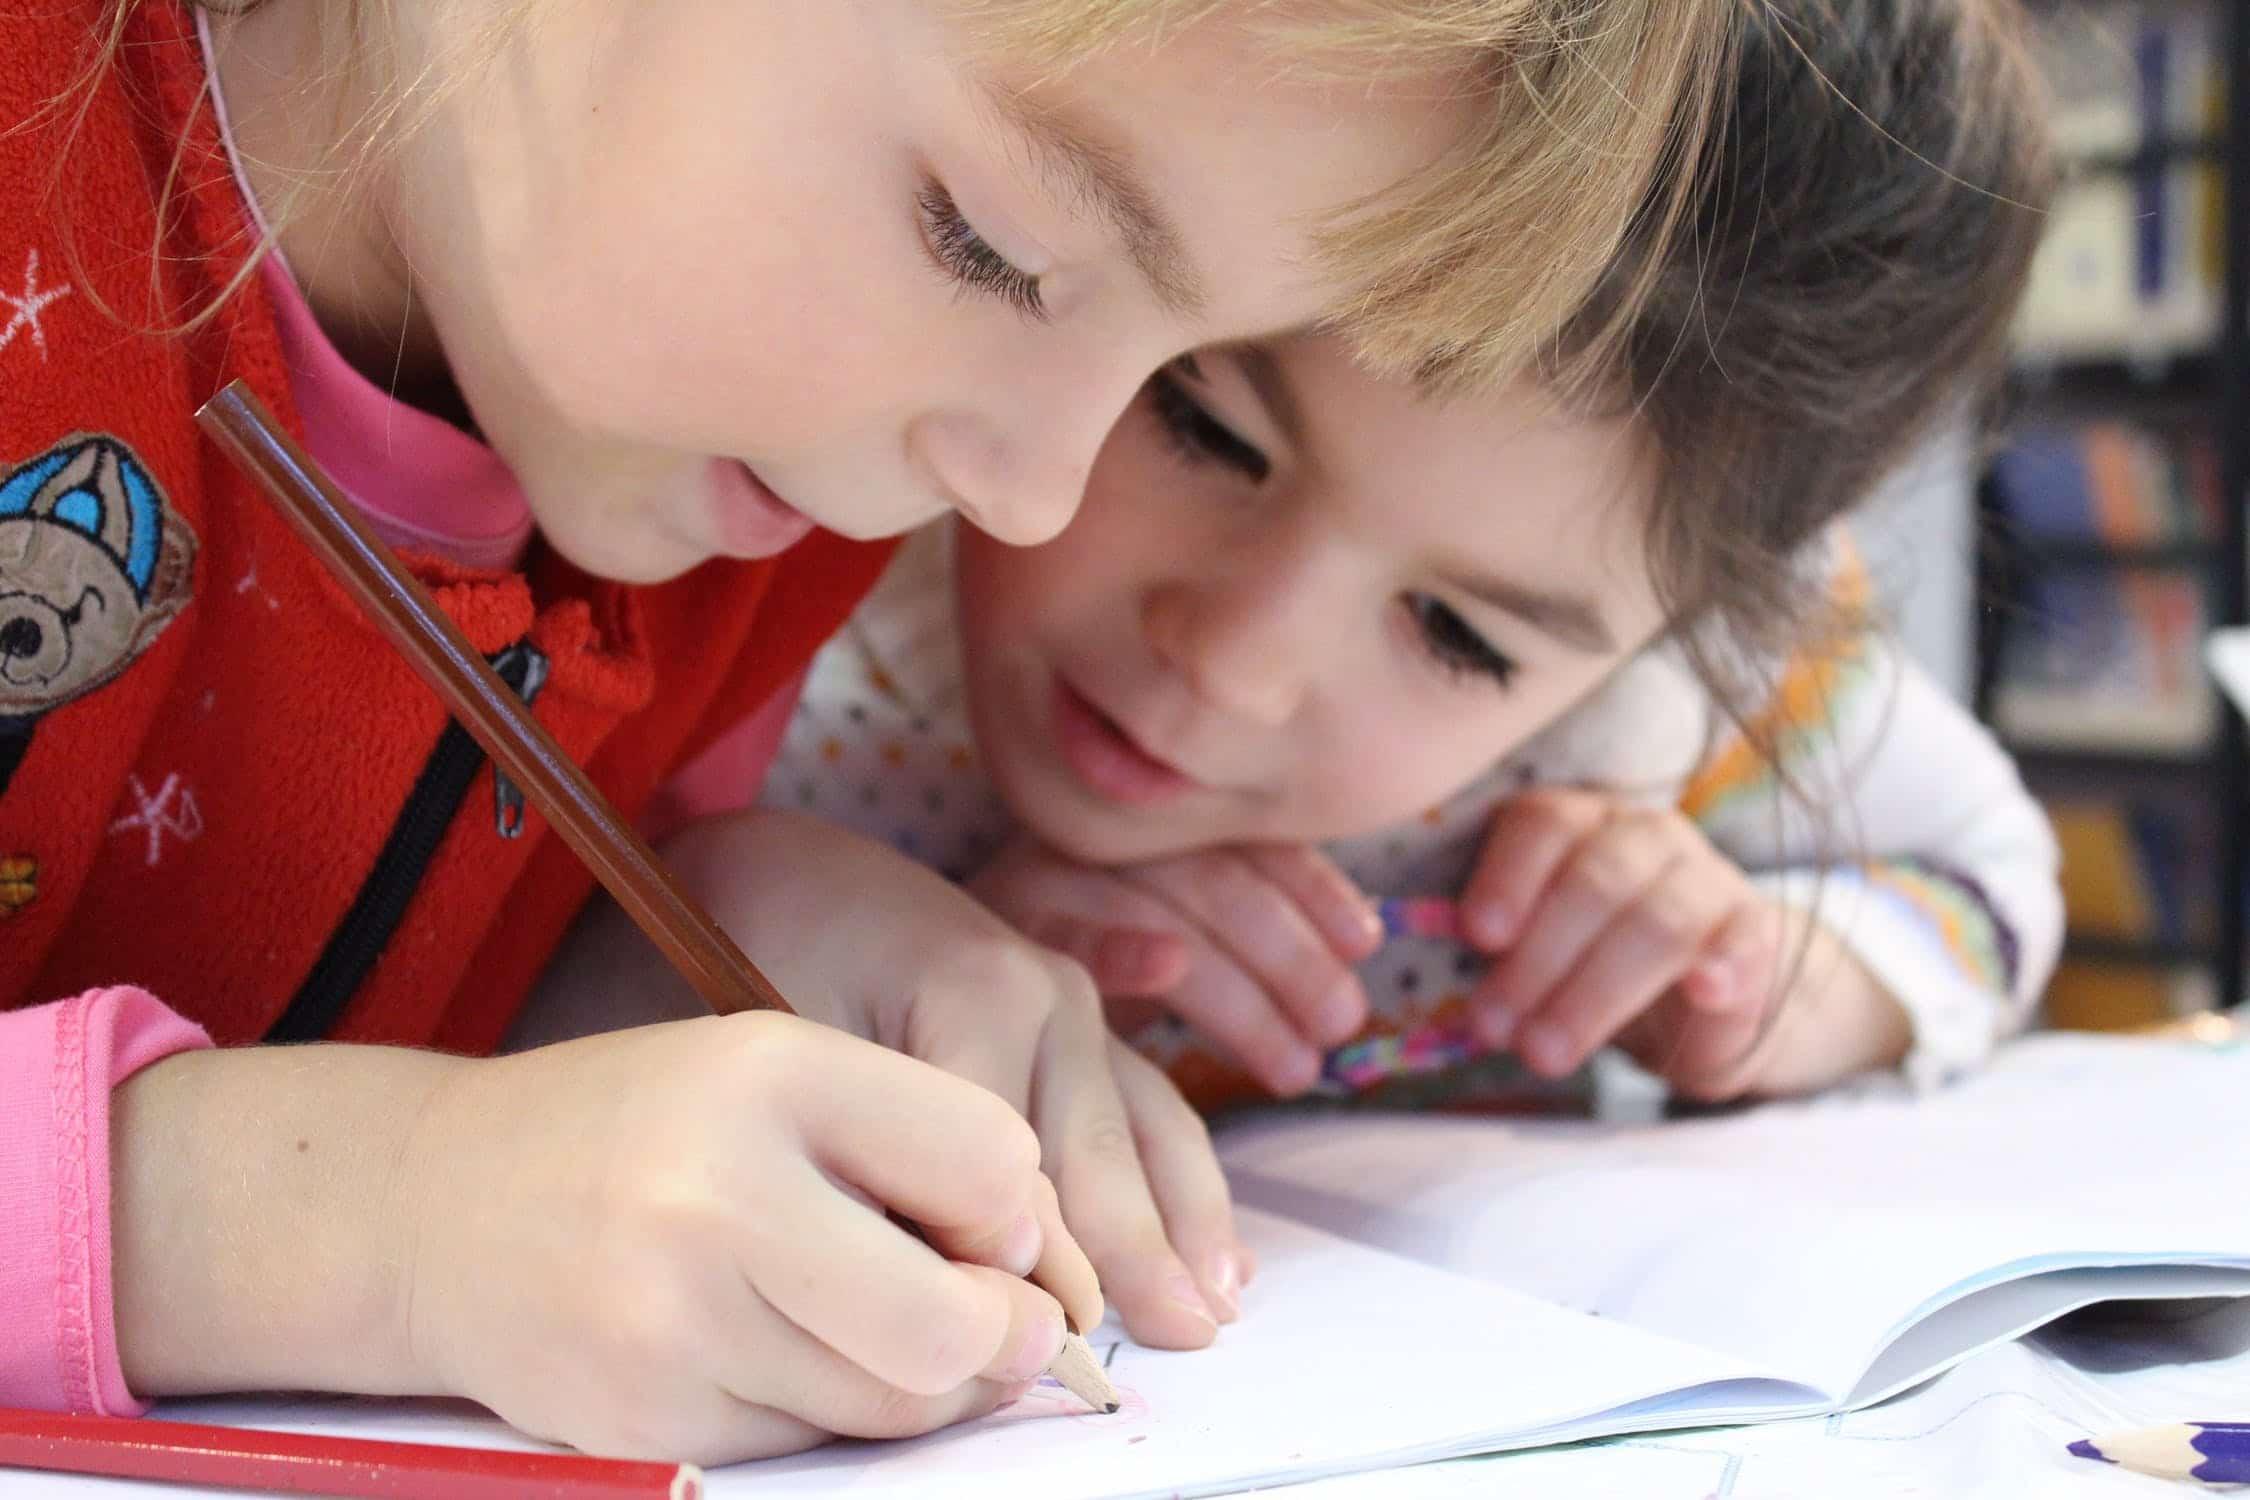 Principales raisons d'obtenir le visa en or portugais - Education pour les enfants et facilité de déplacement